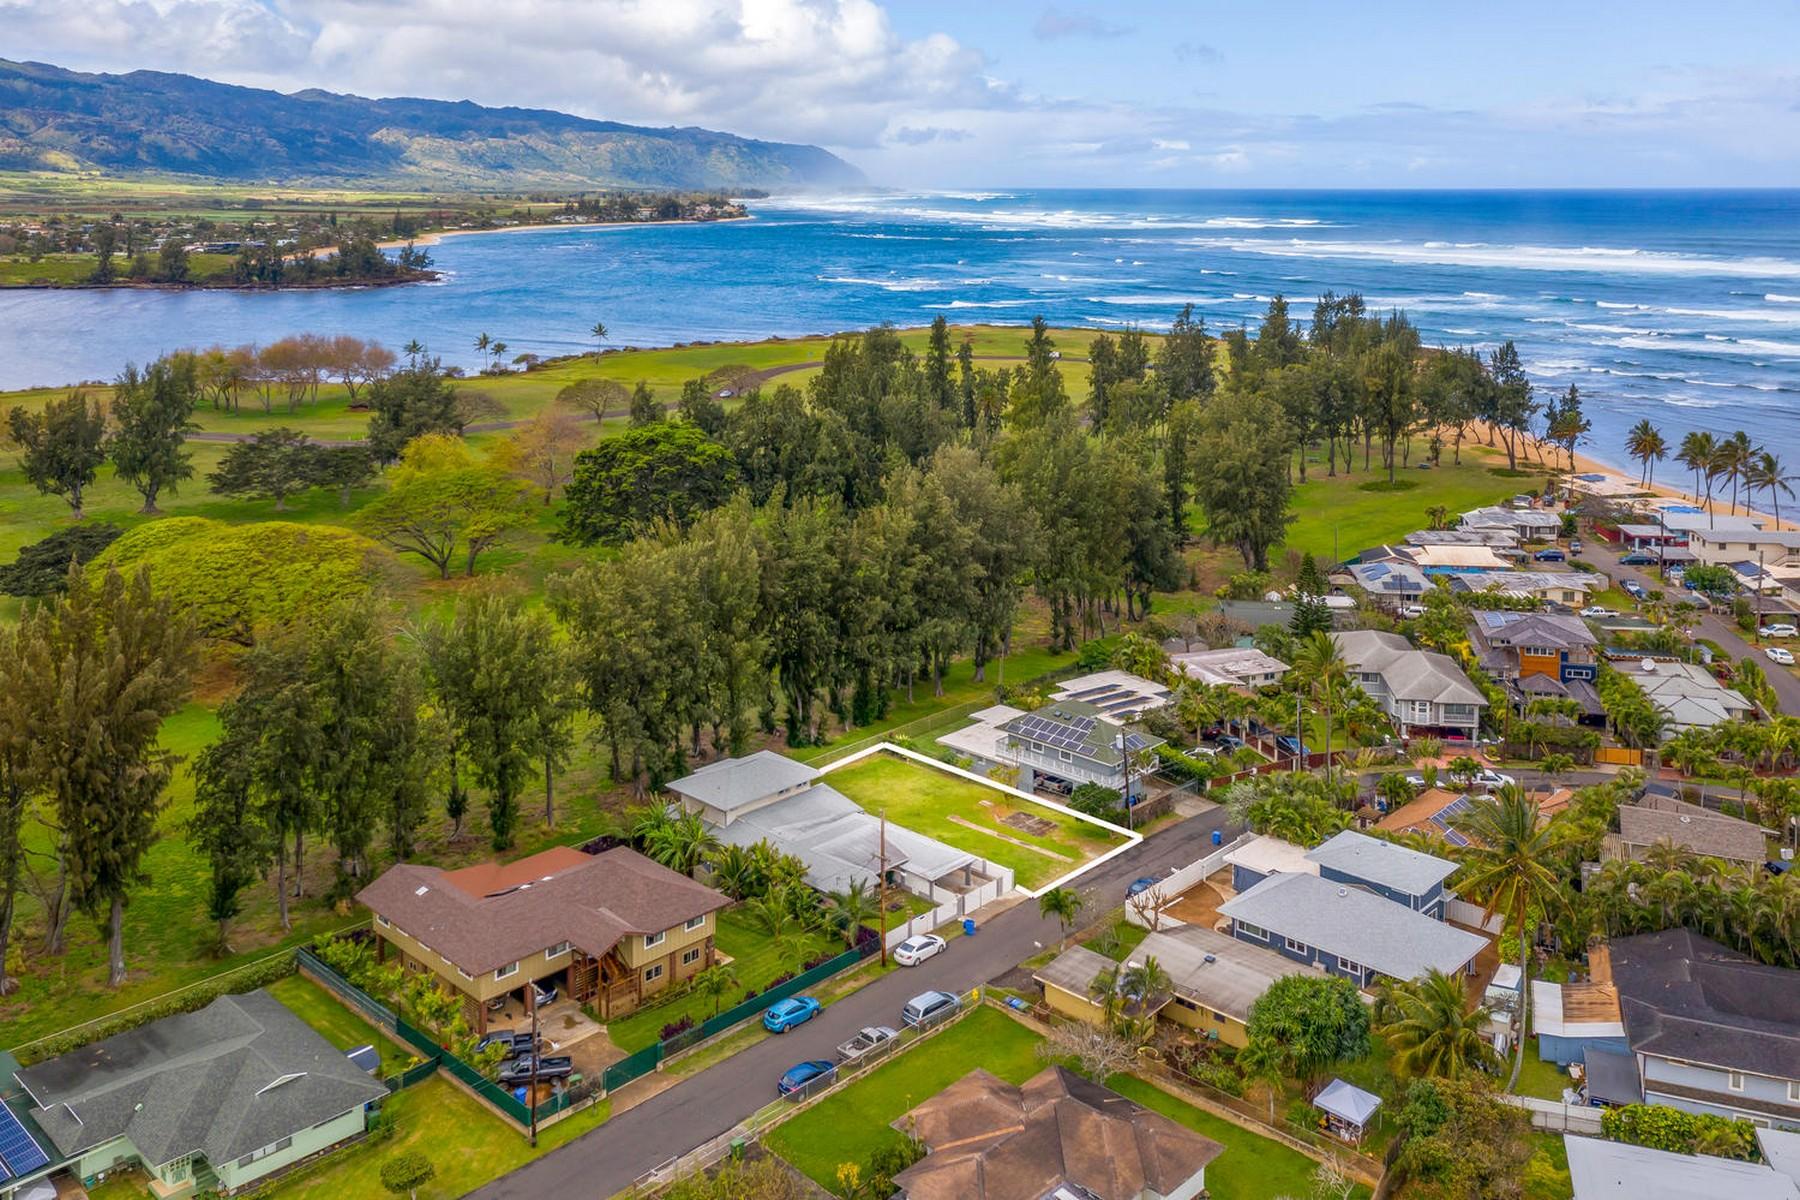 Οικόπεδο για την Πώληση στο Rarely Offered 66-025 Alapii Street, Haleiwa, Χαβαη 96712 Ηνωμένες Πολιτείες